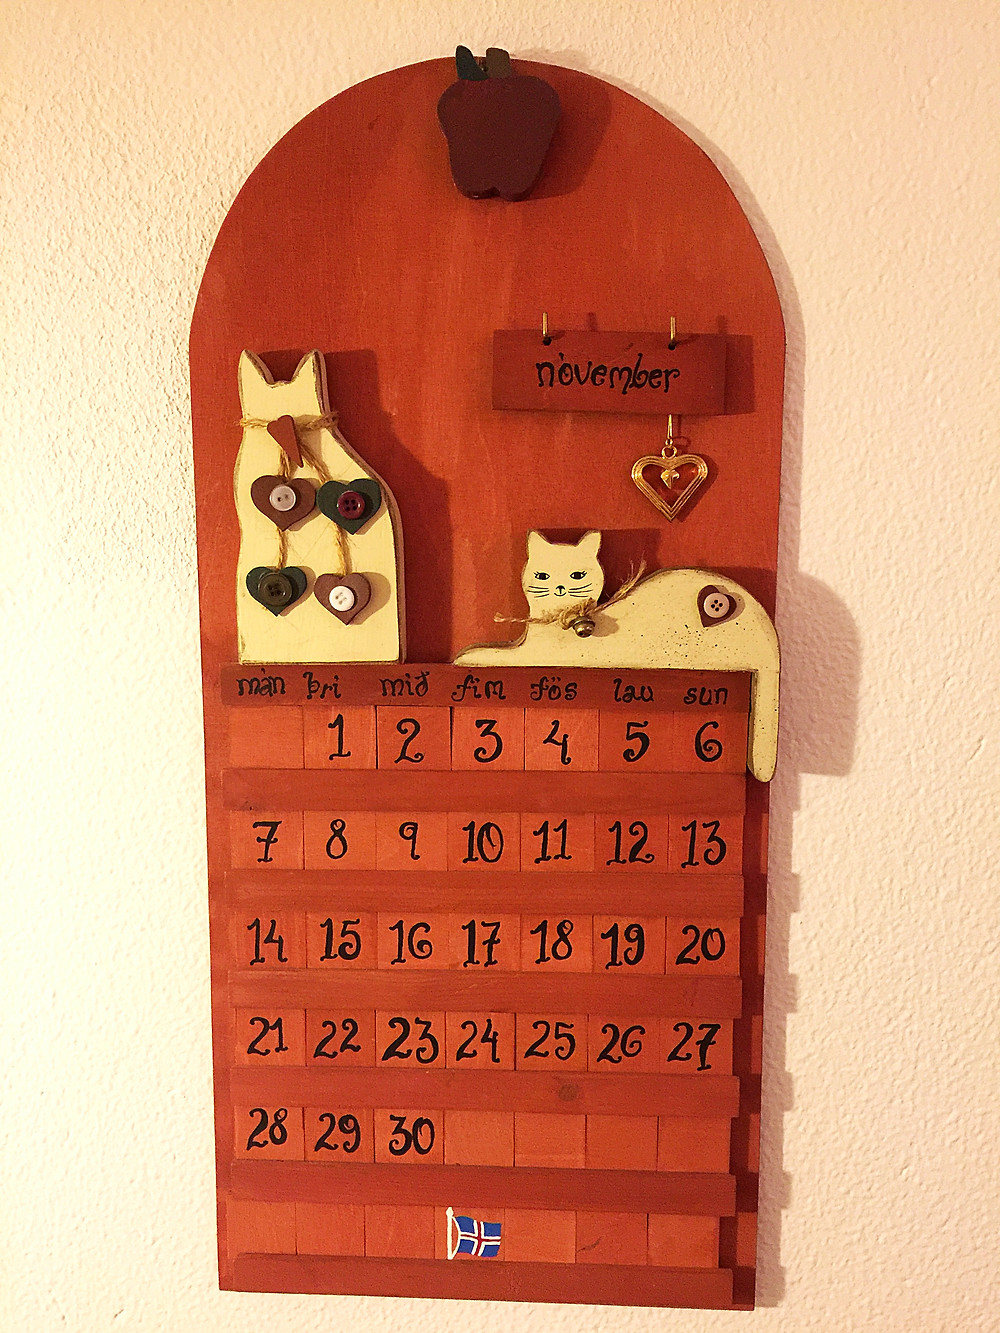 Very unique wall calendar.